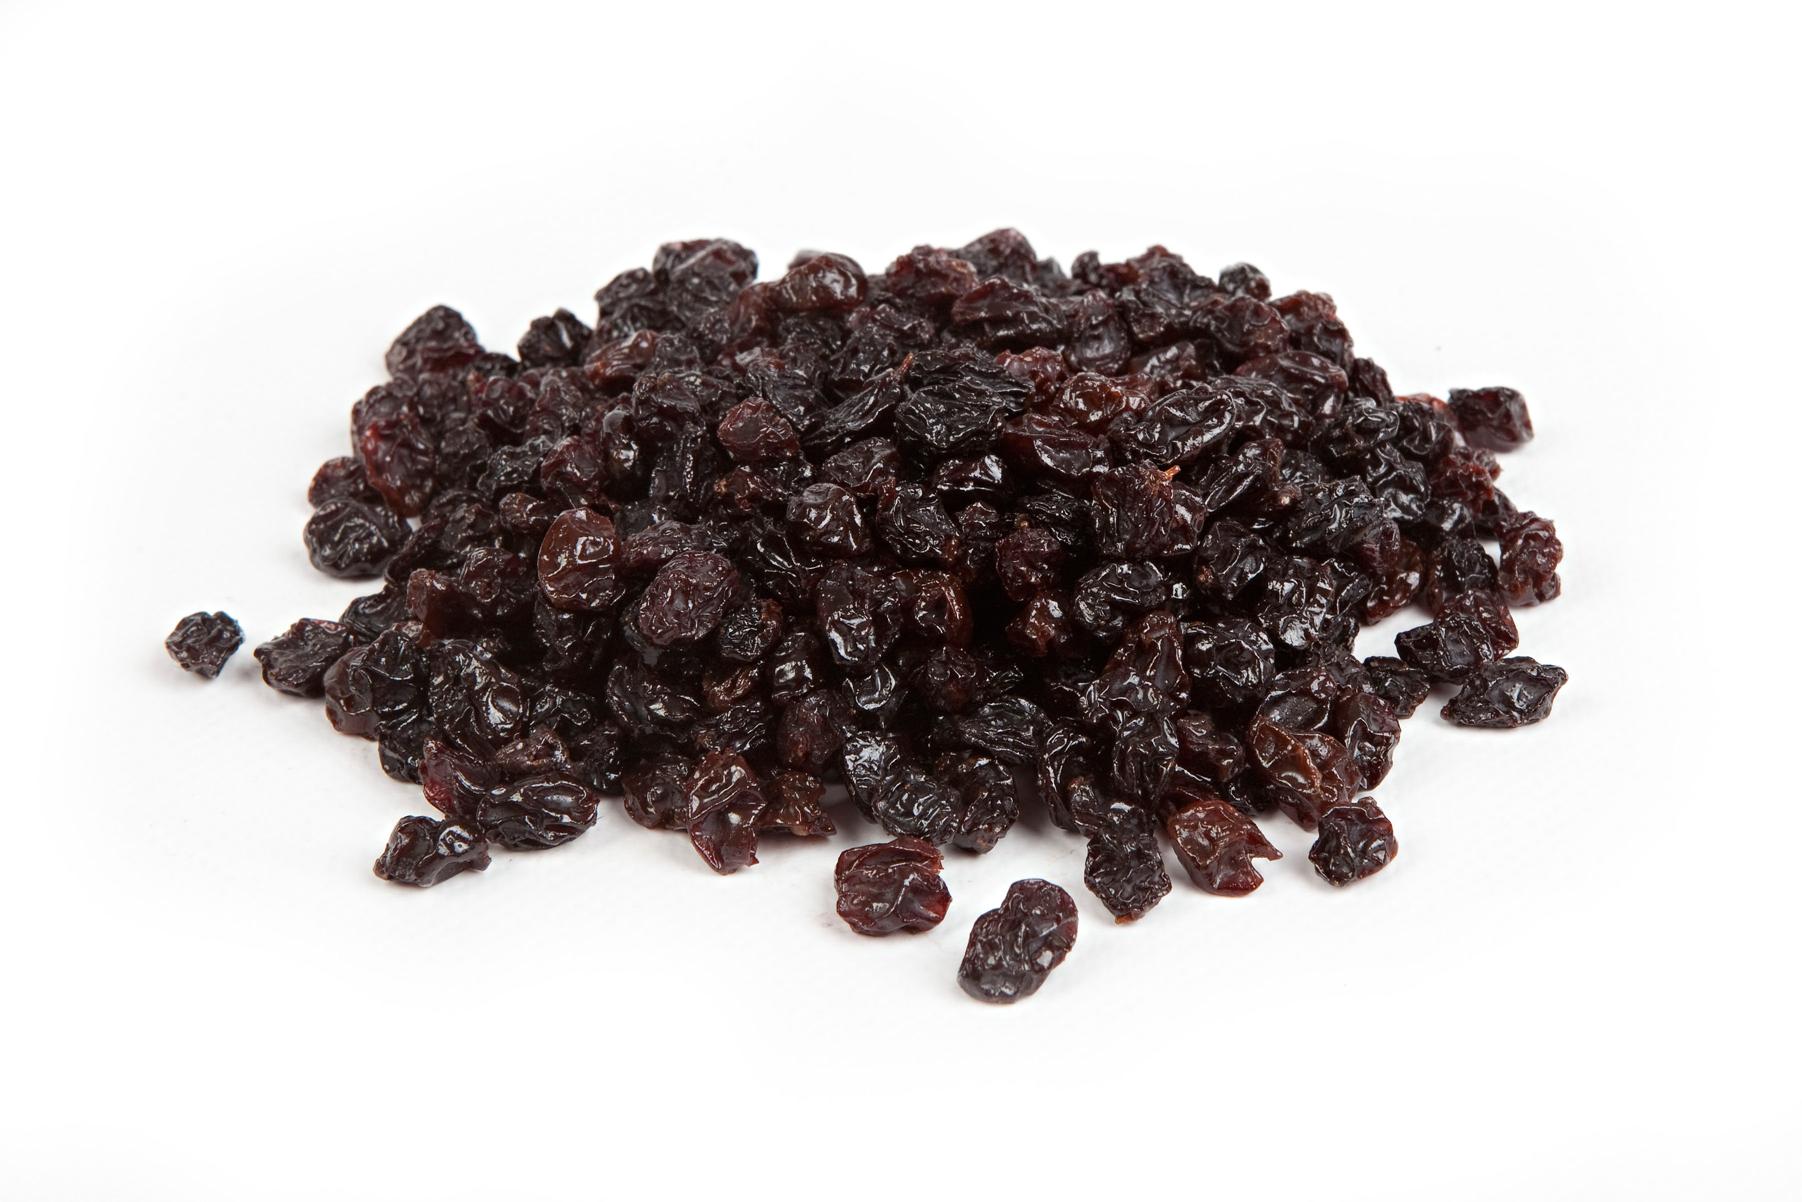 Raisins-12